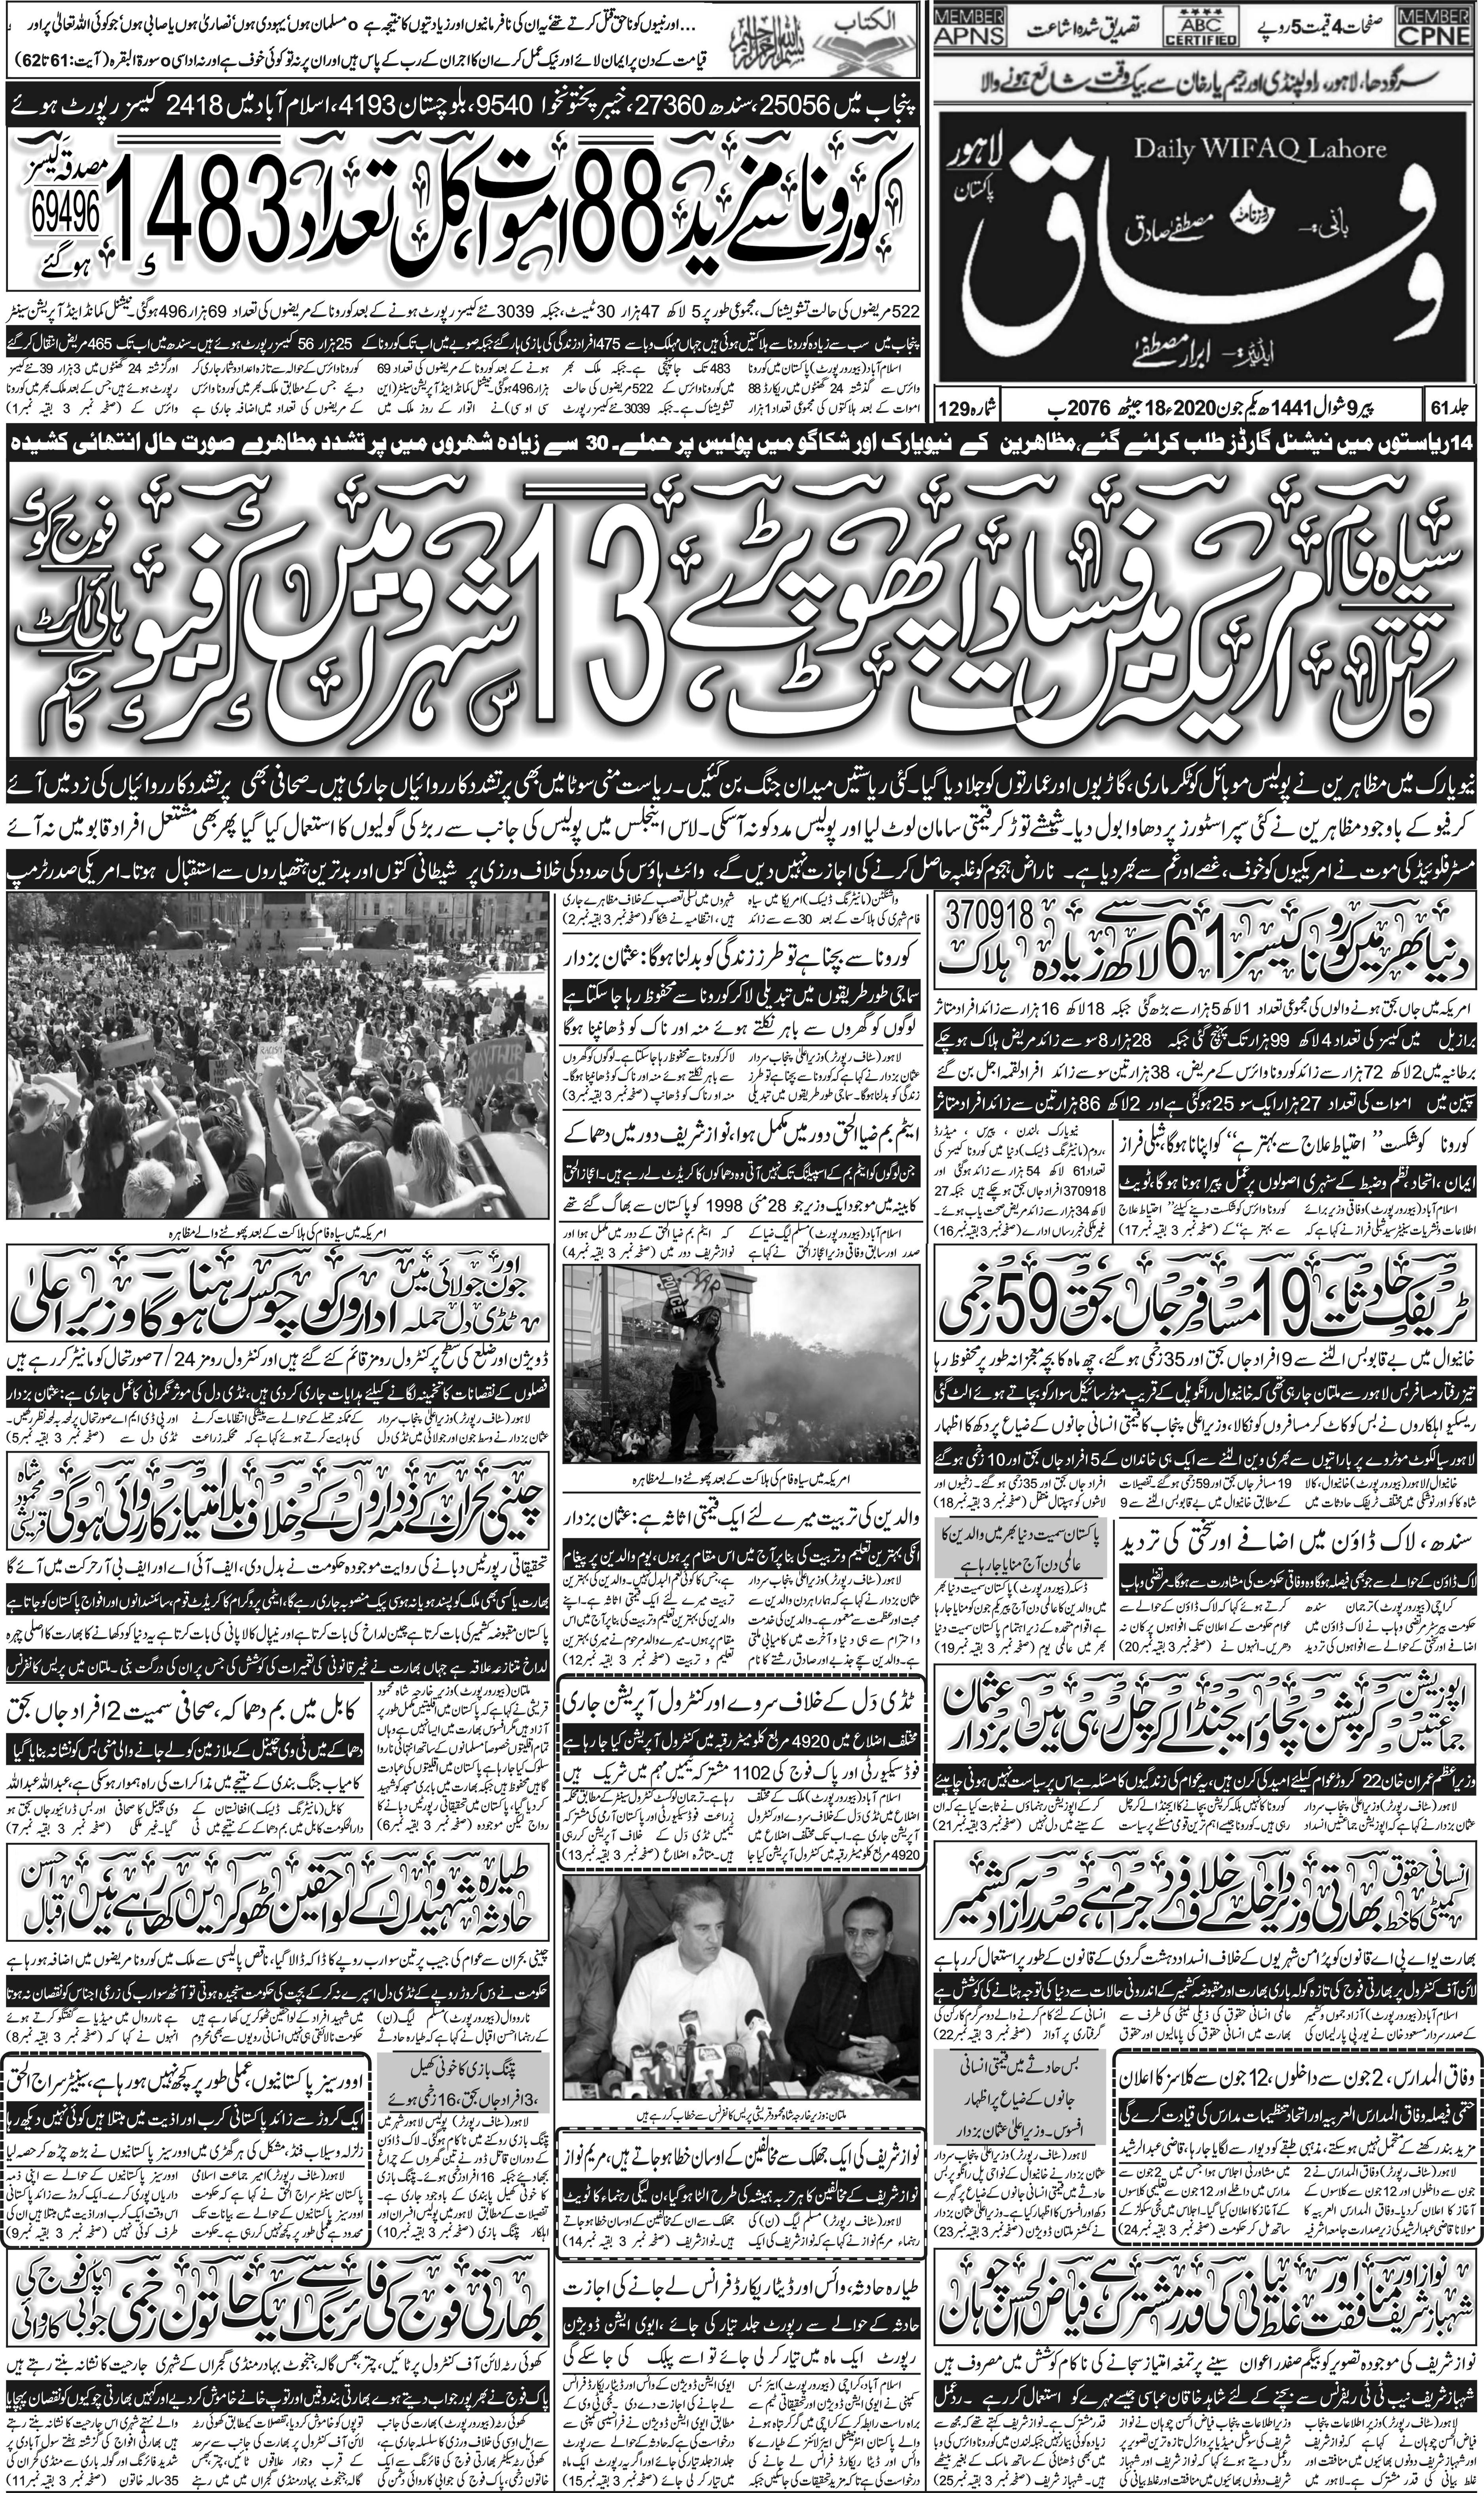 e-Paper – Daily Wifaq – 01-06-2020